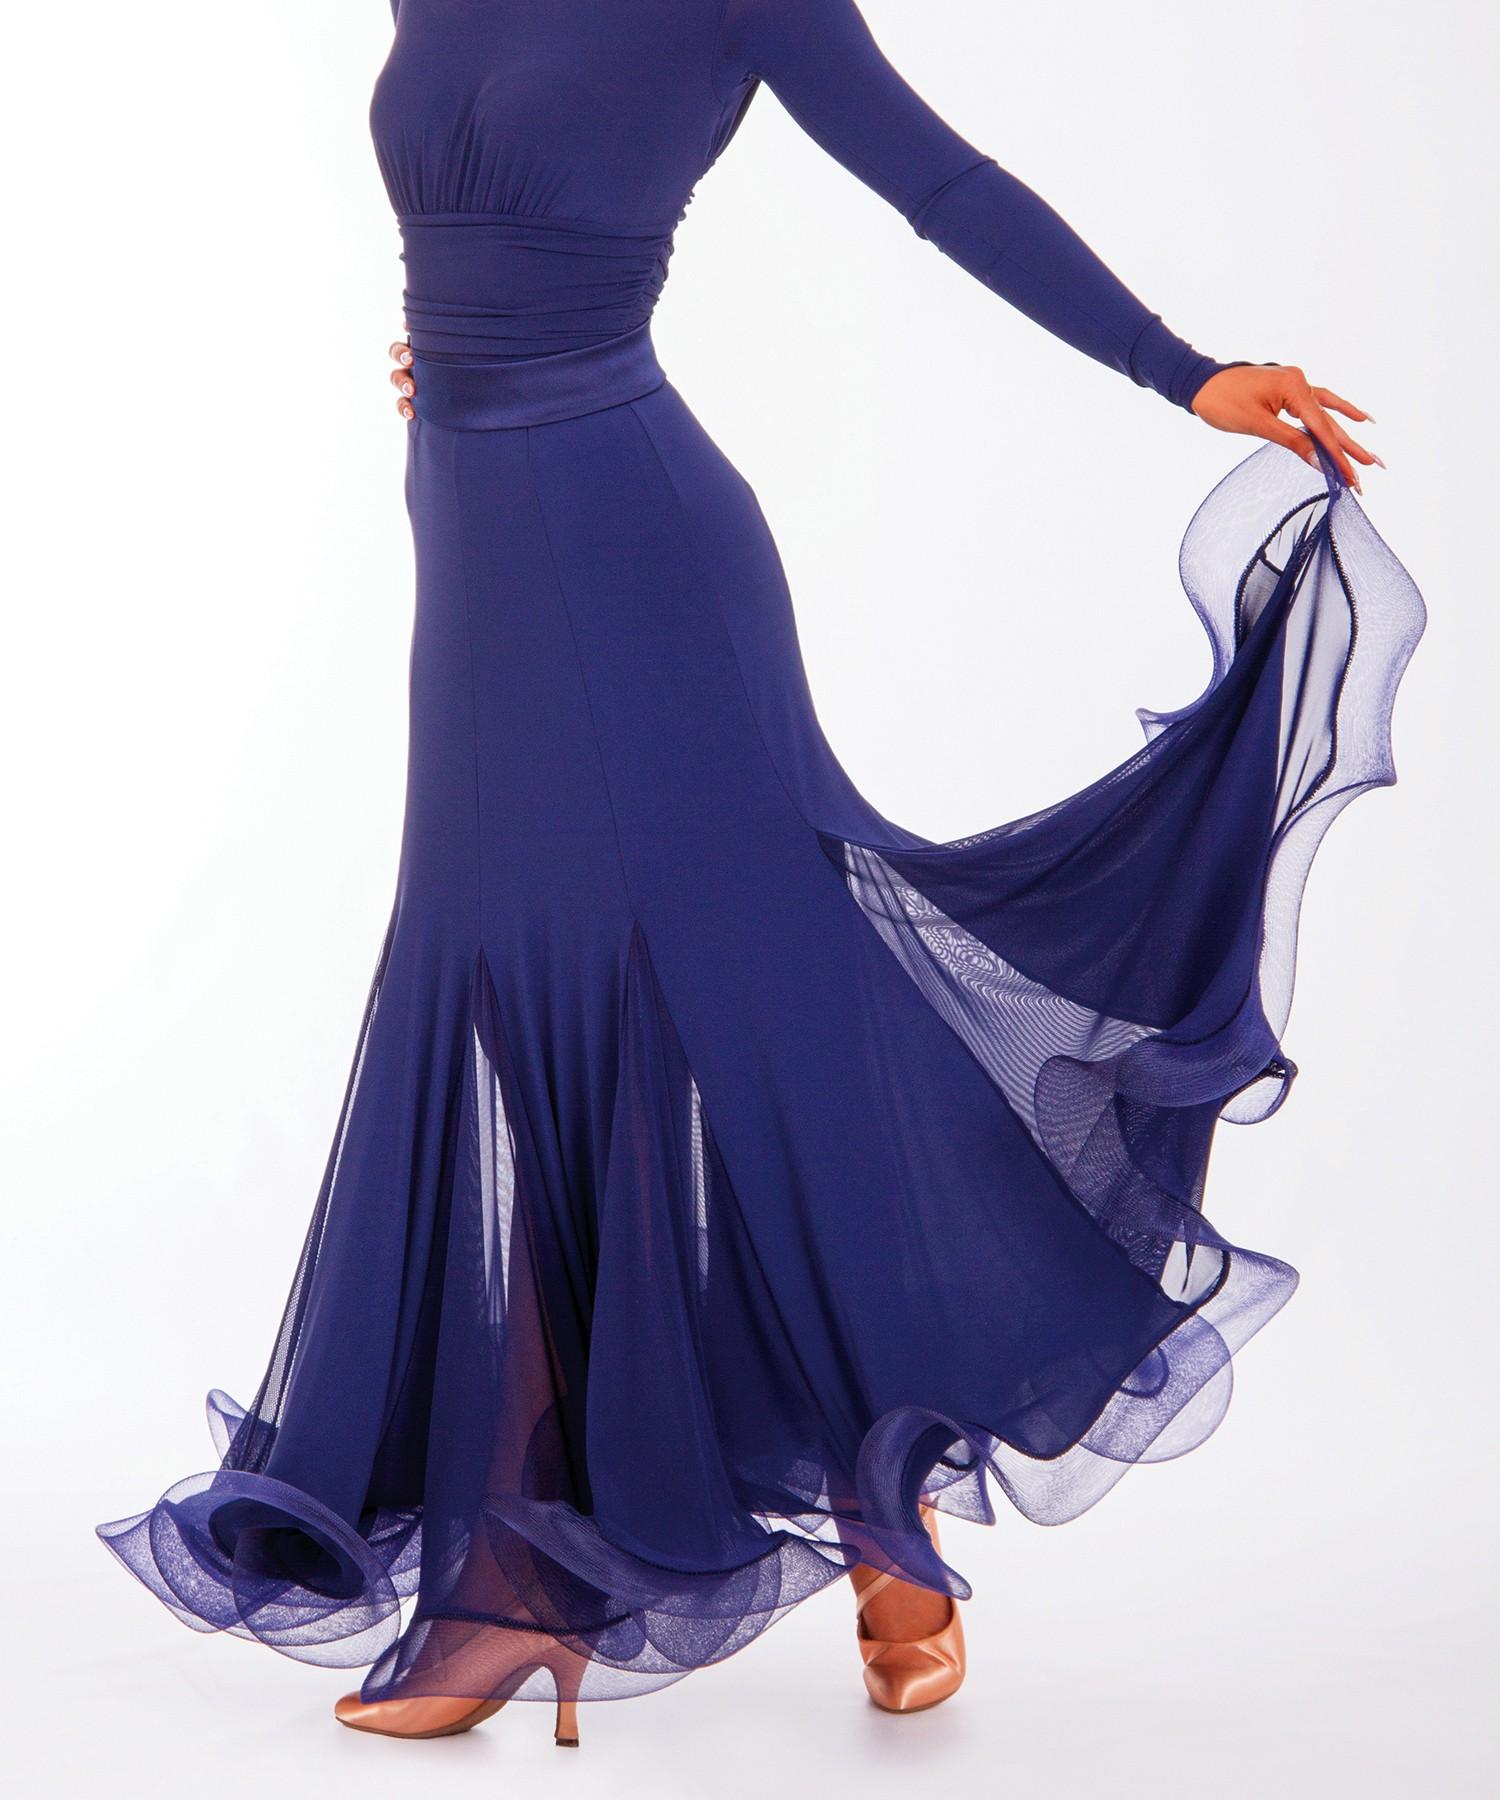 Marissa skirt, DSI London